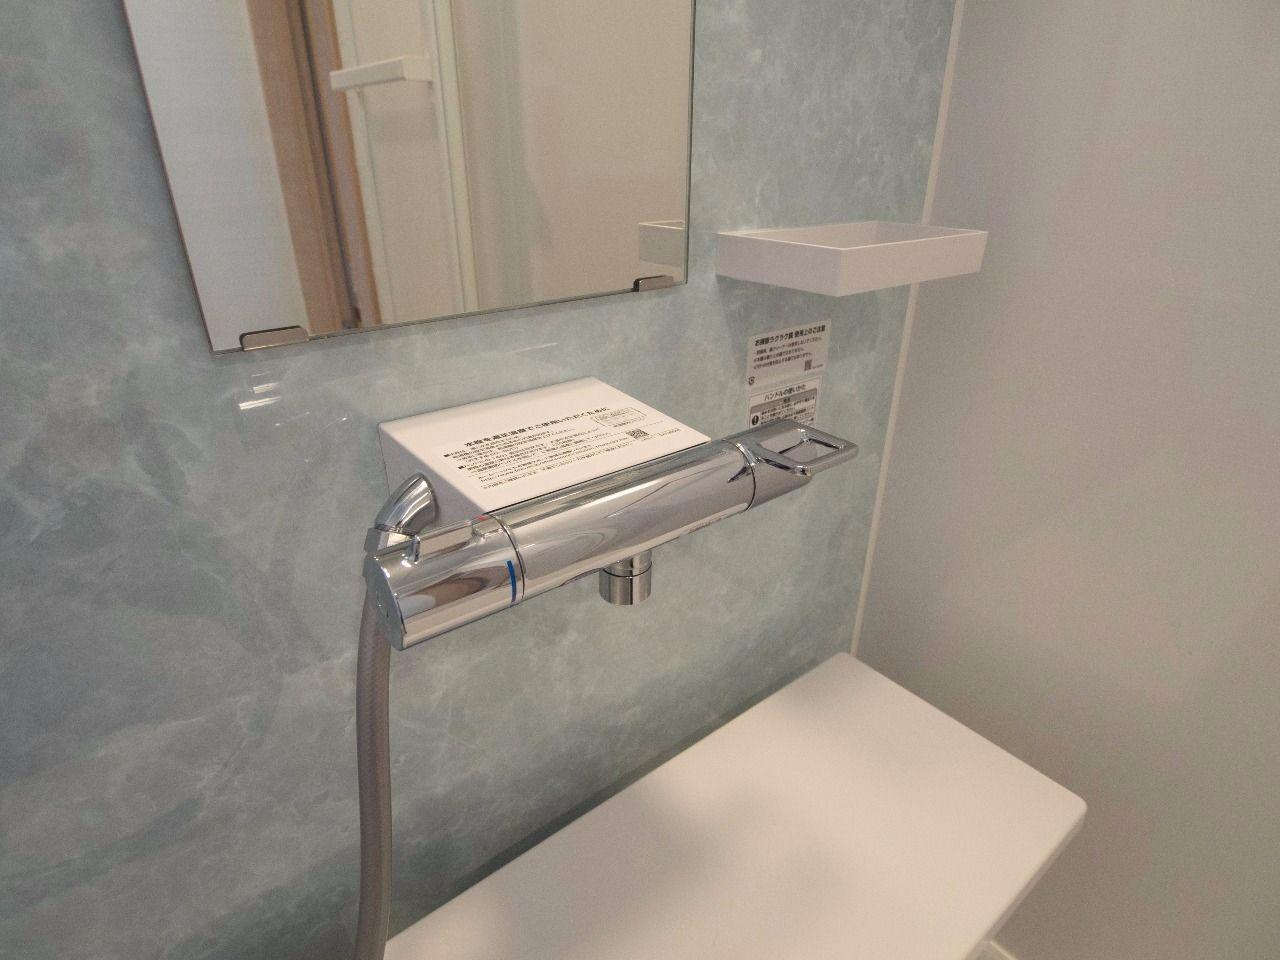 水温調節などが簡単な浴室水栓